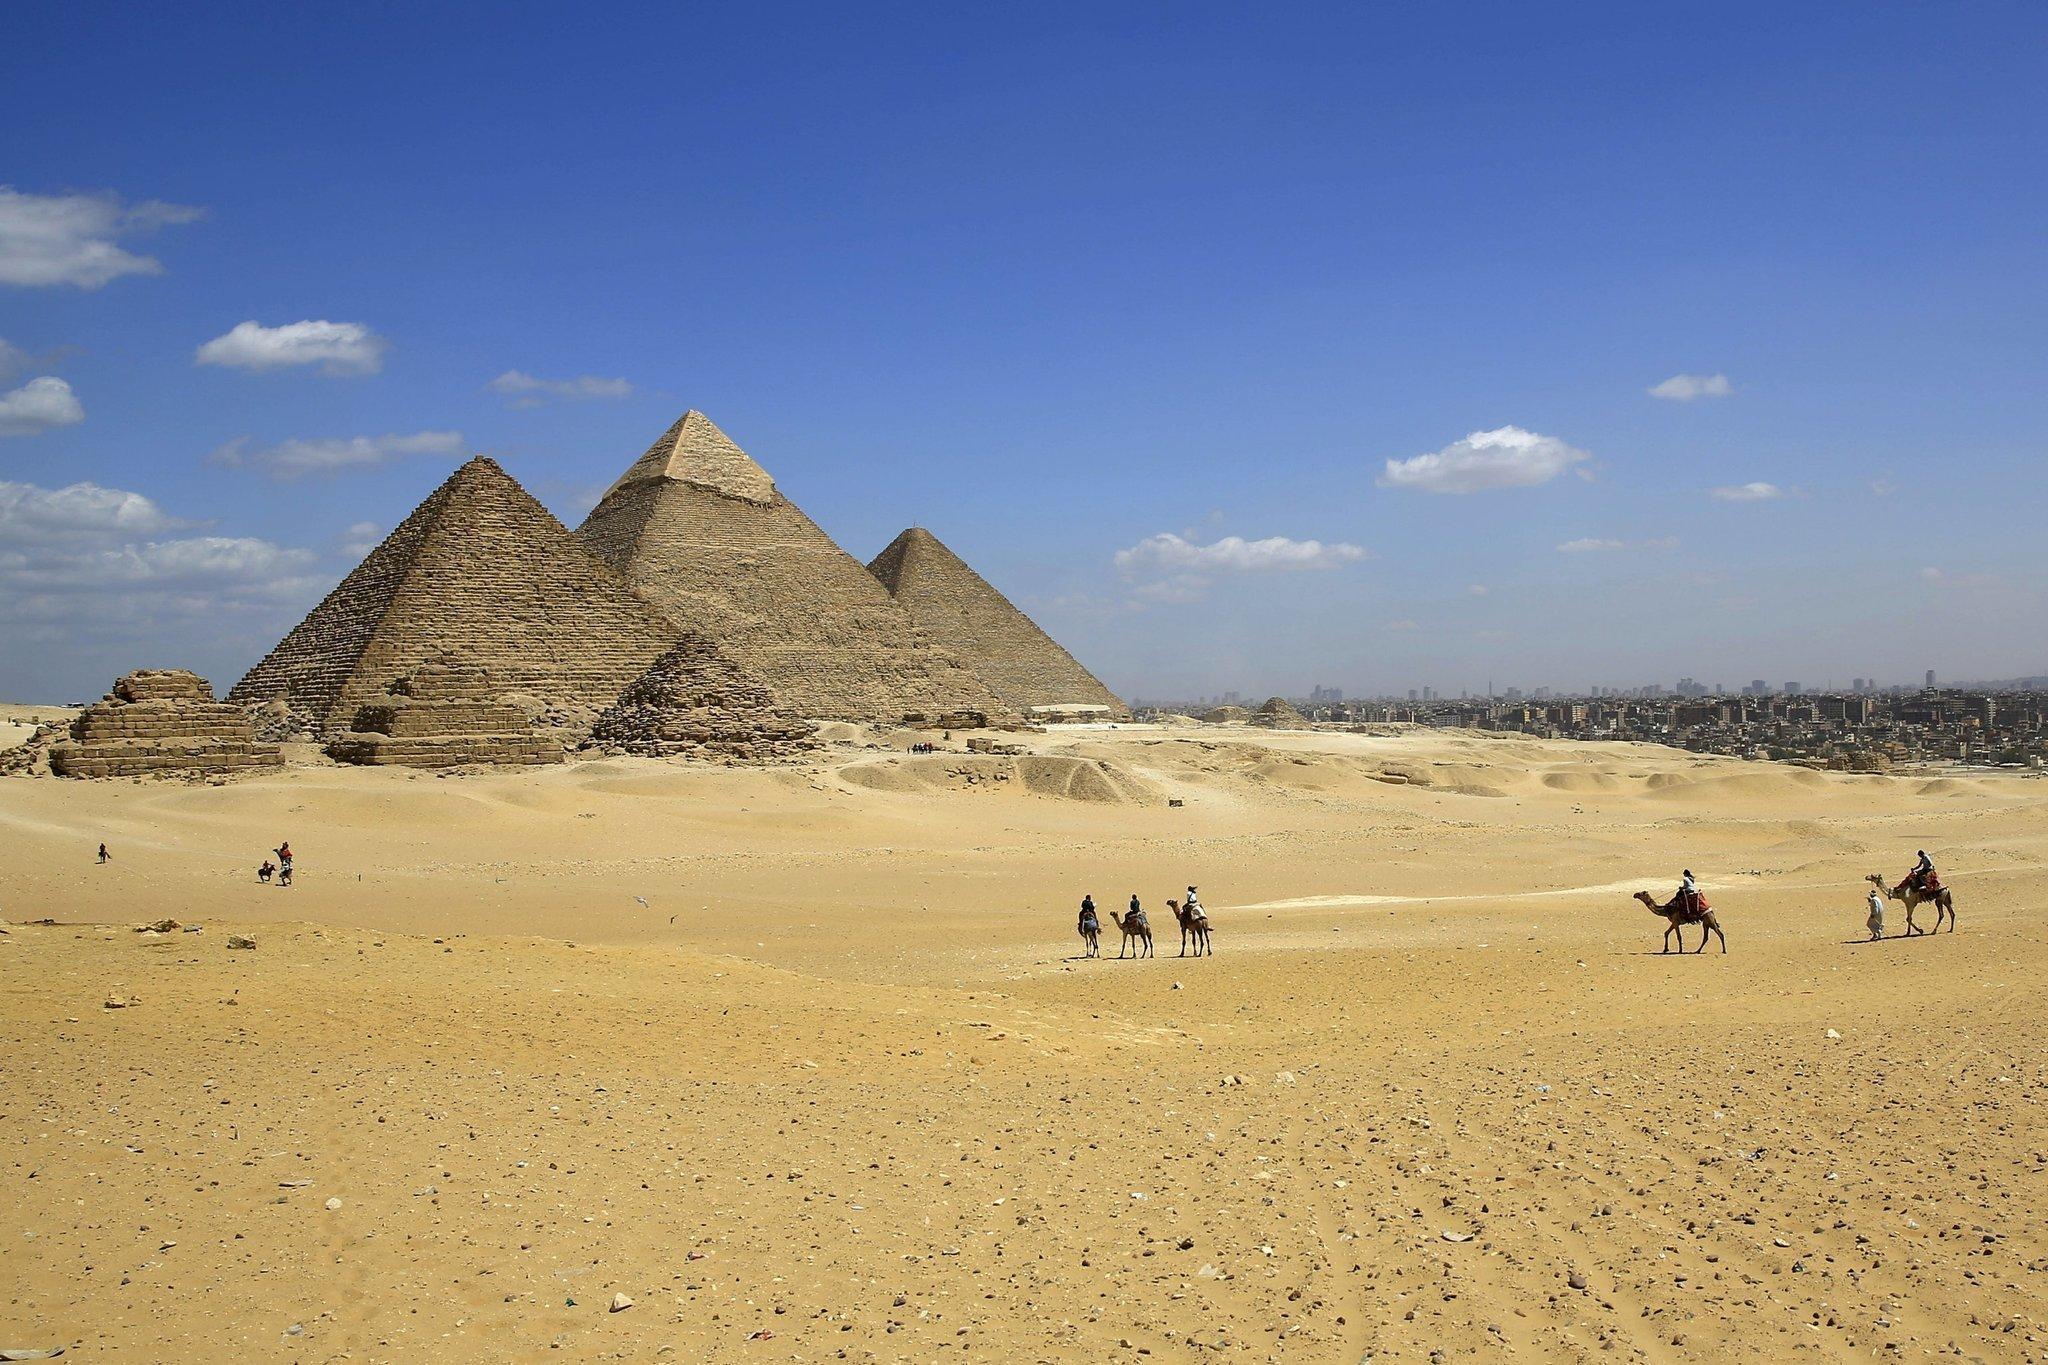 開羅近郊逾二千年兩尊大型法老像出土